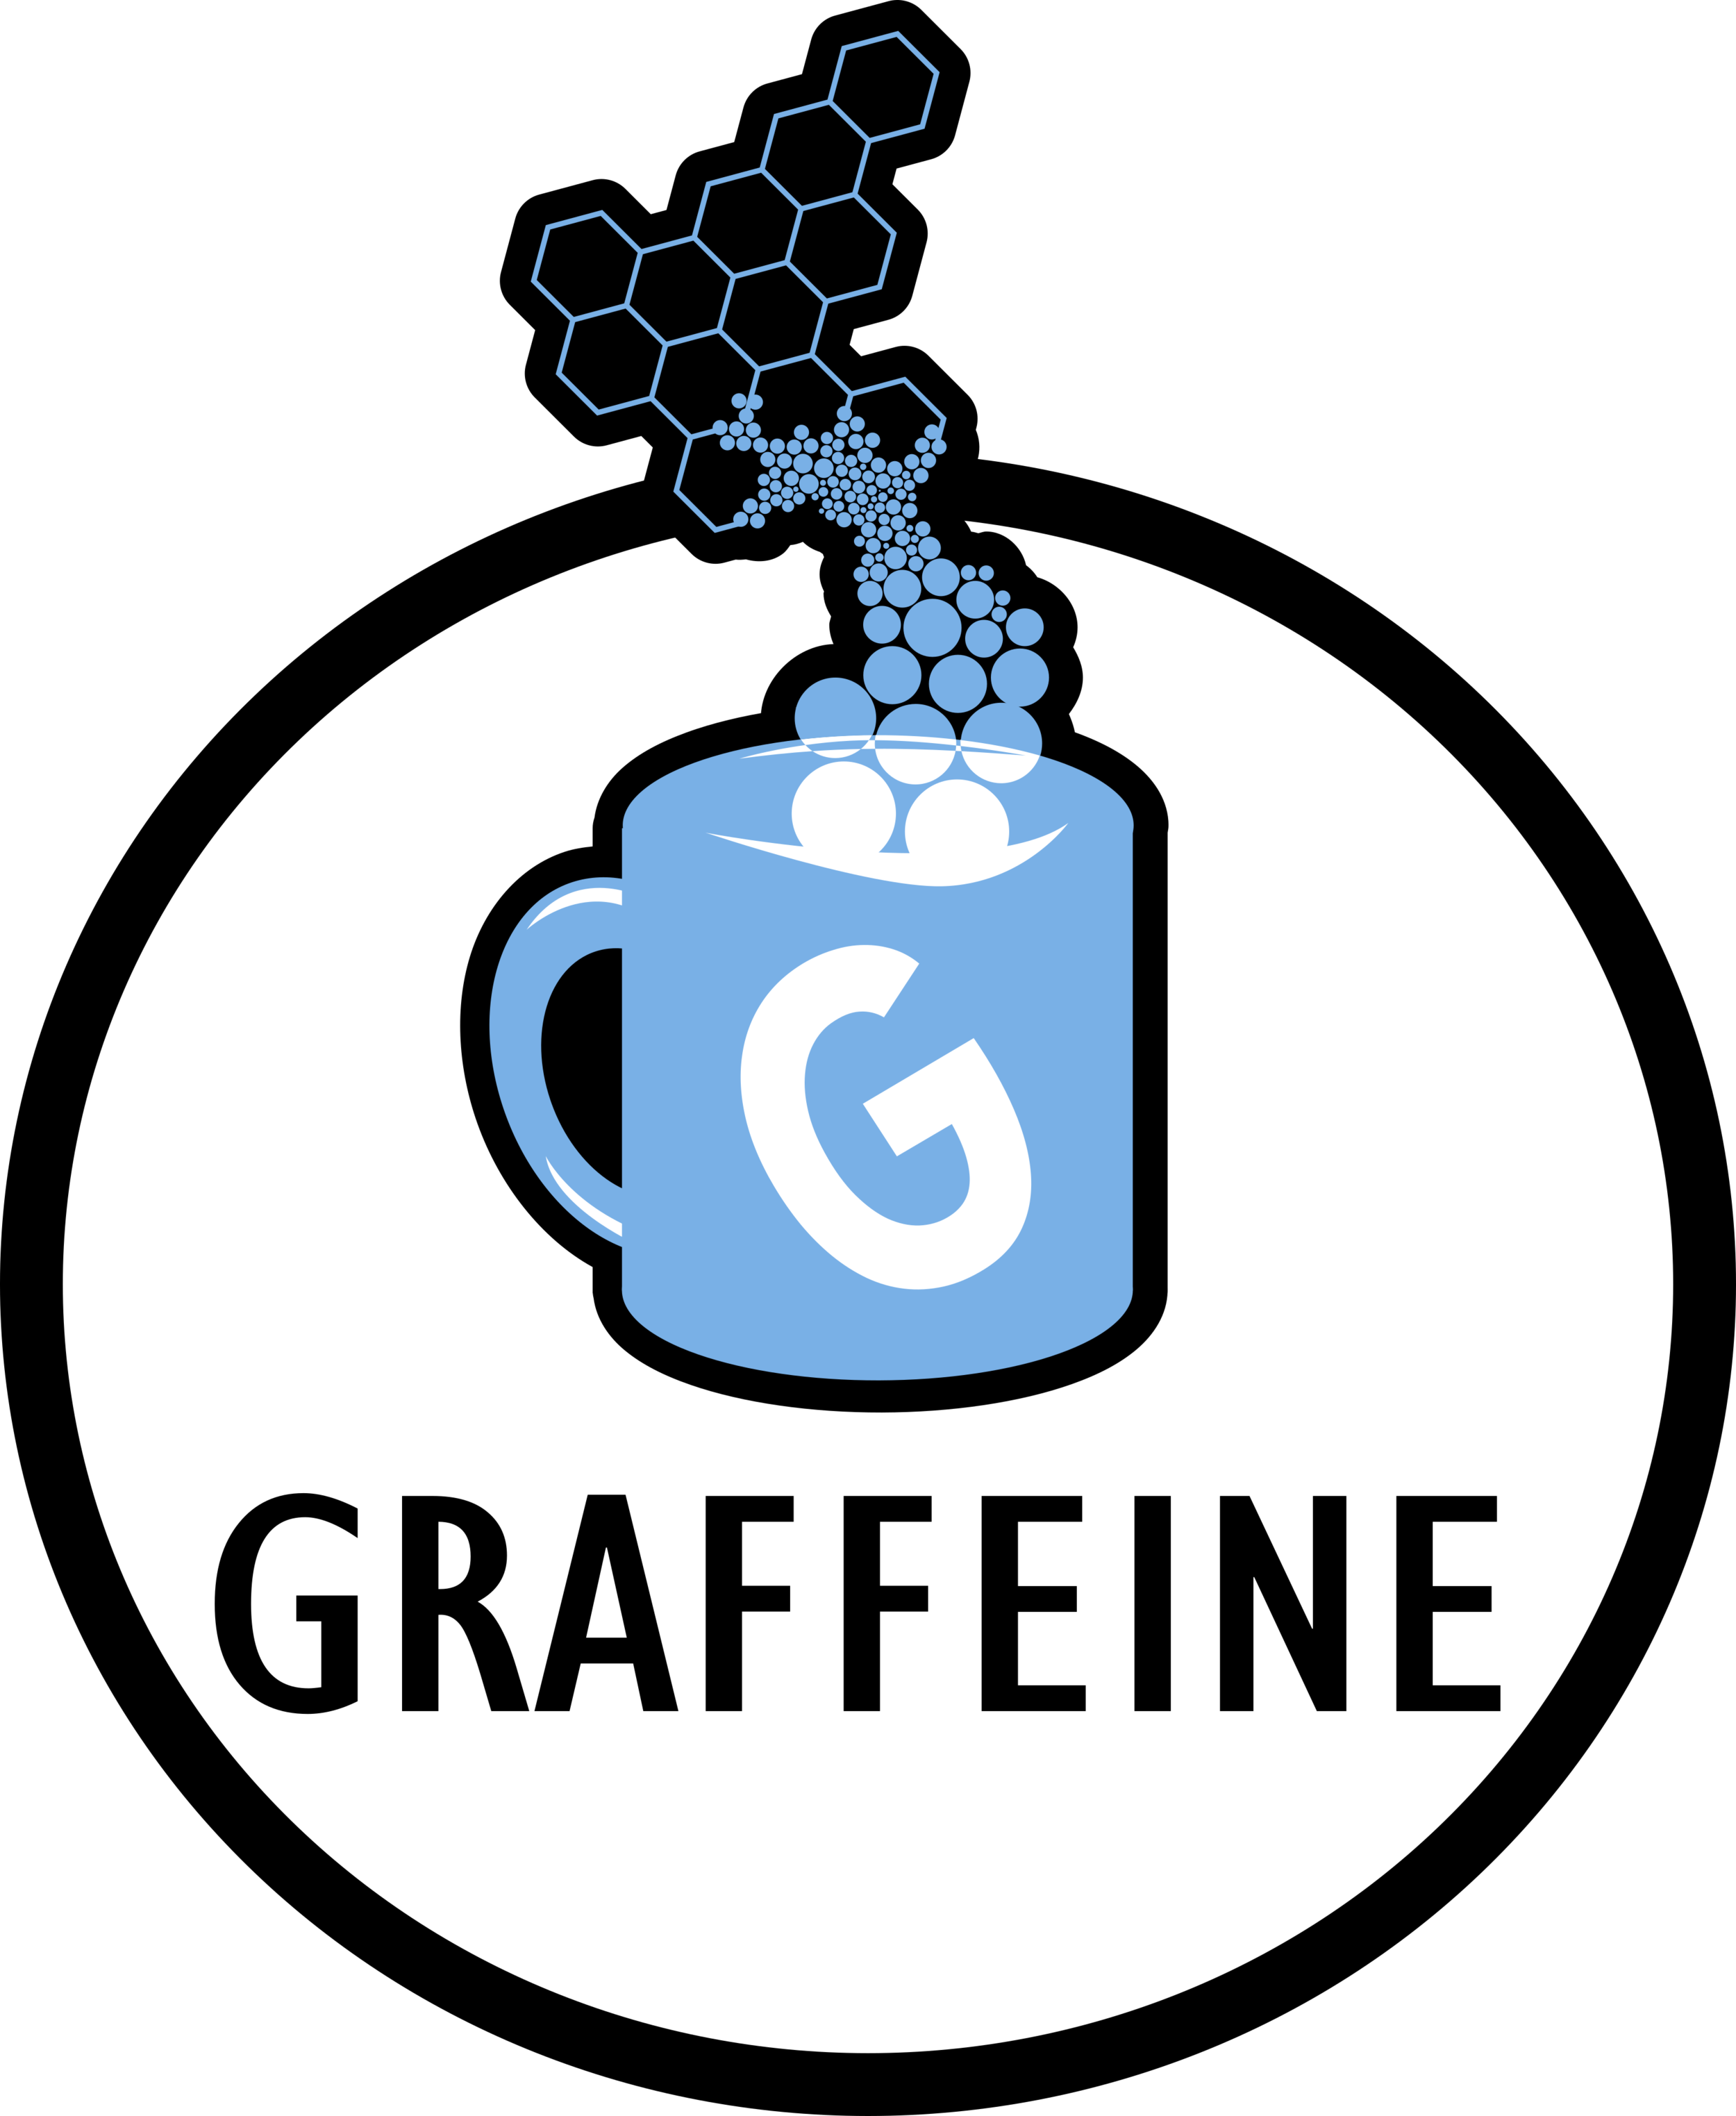 Graffeine.png